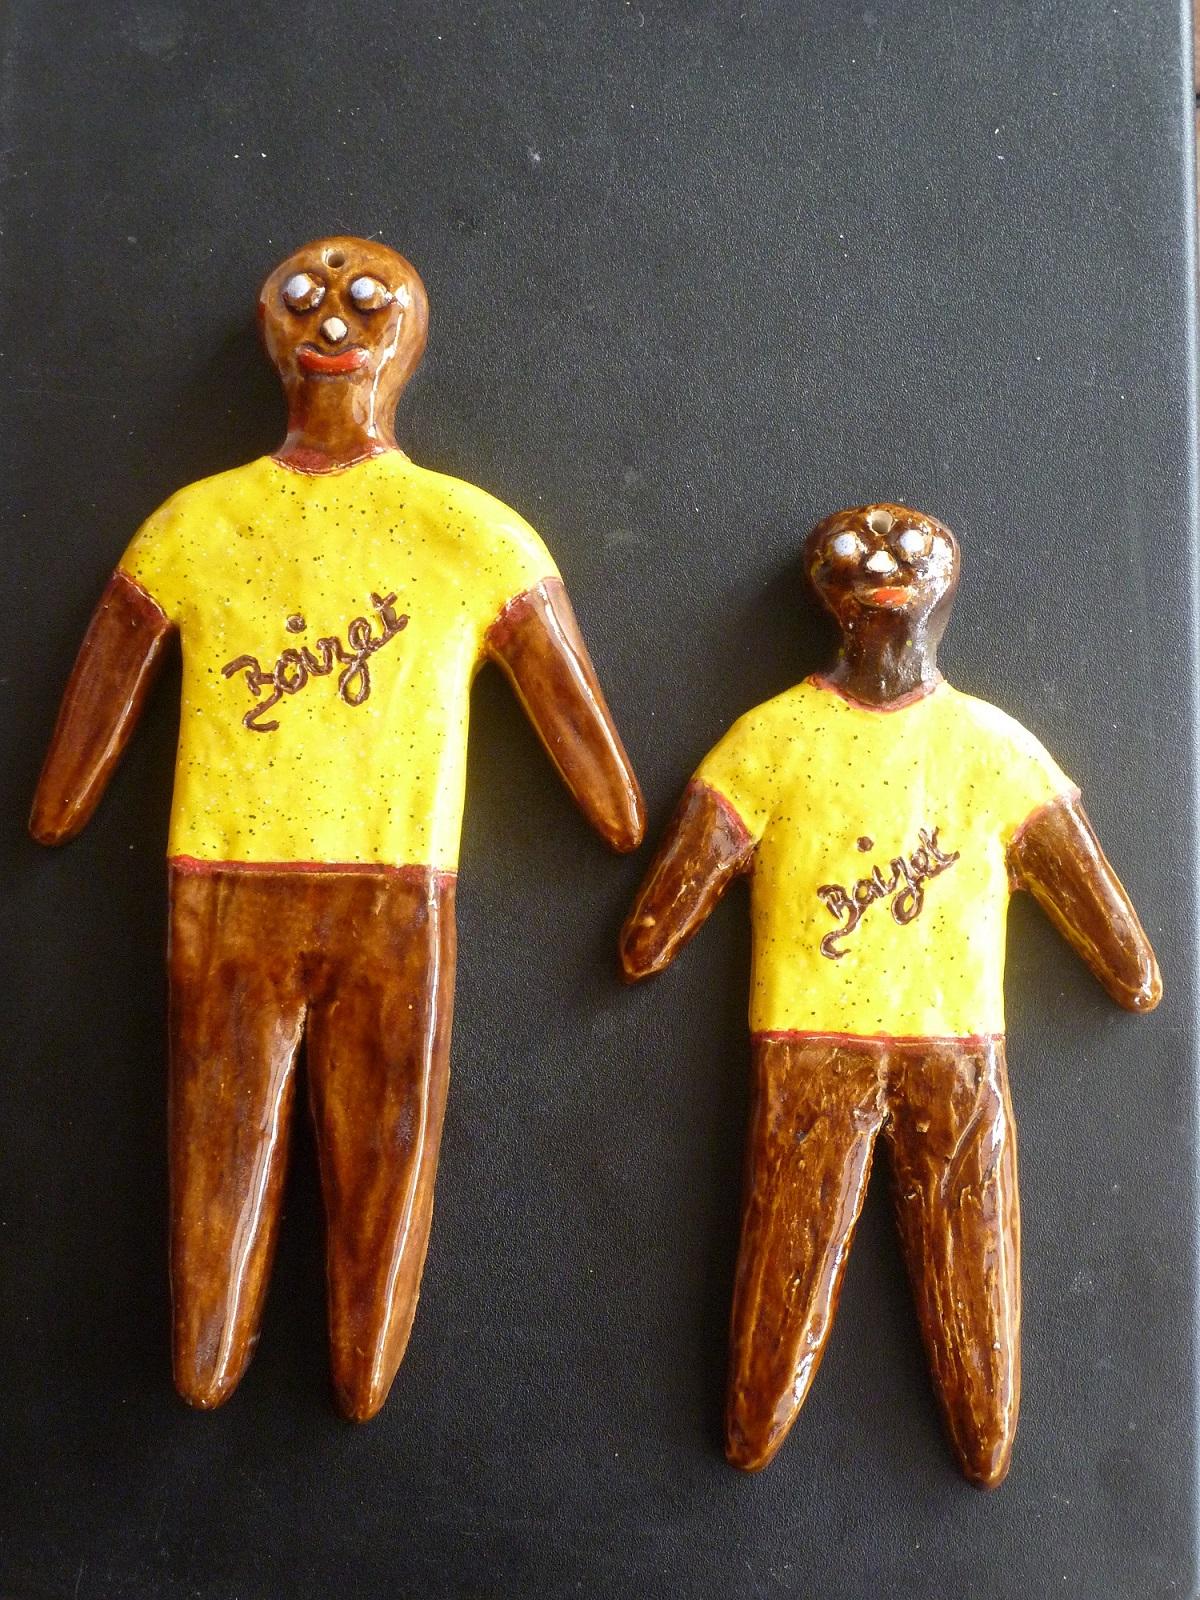 Création 2 Gilets Jaunes :  bonhommes Mendele en terre-cuite émaillée